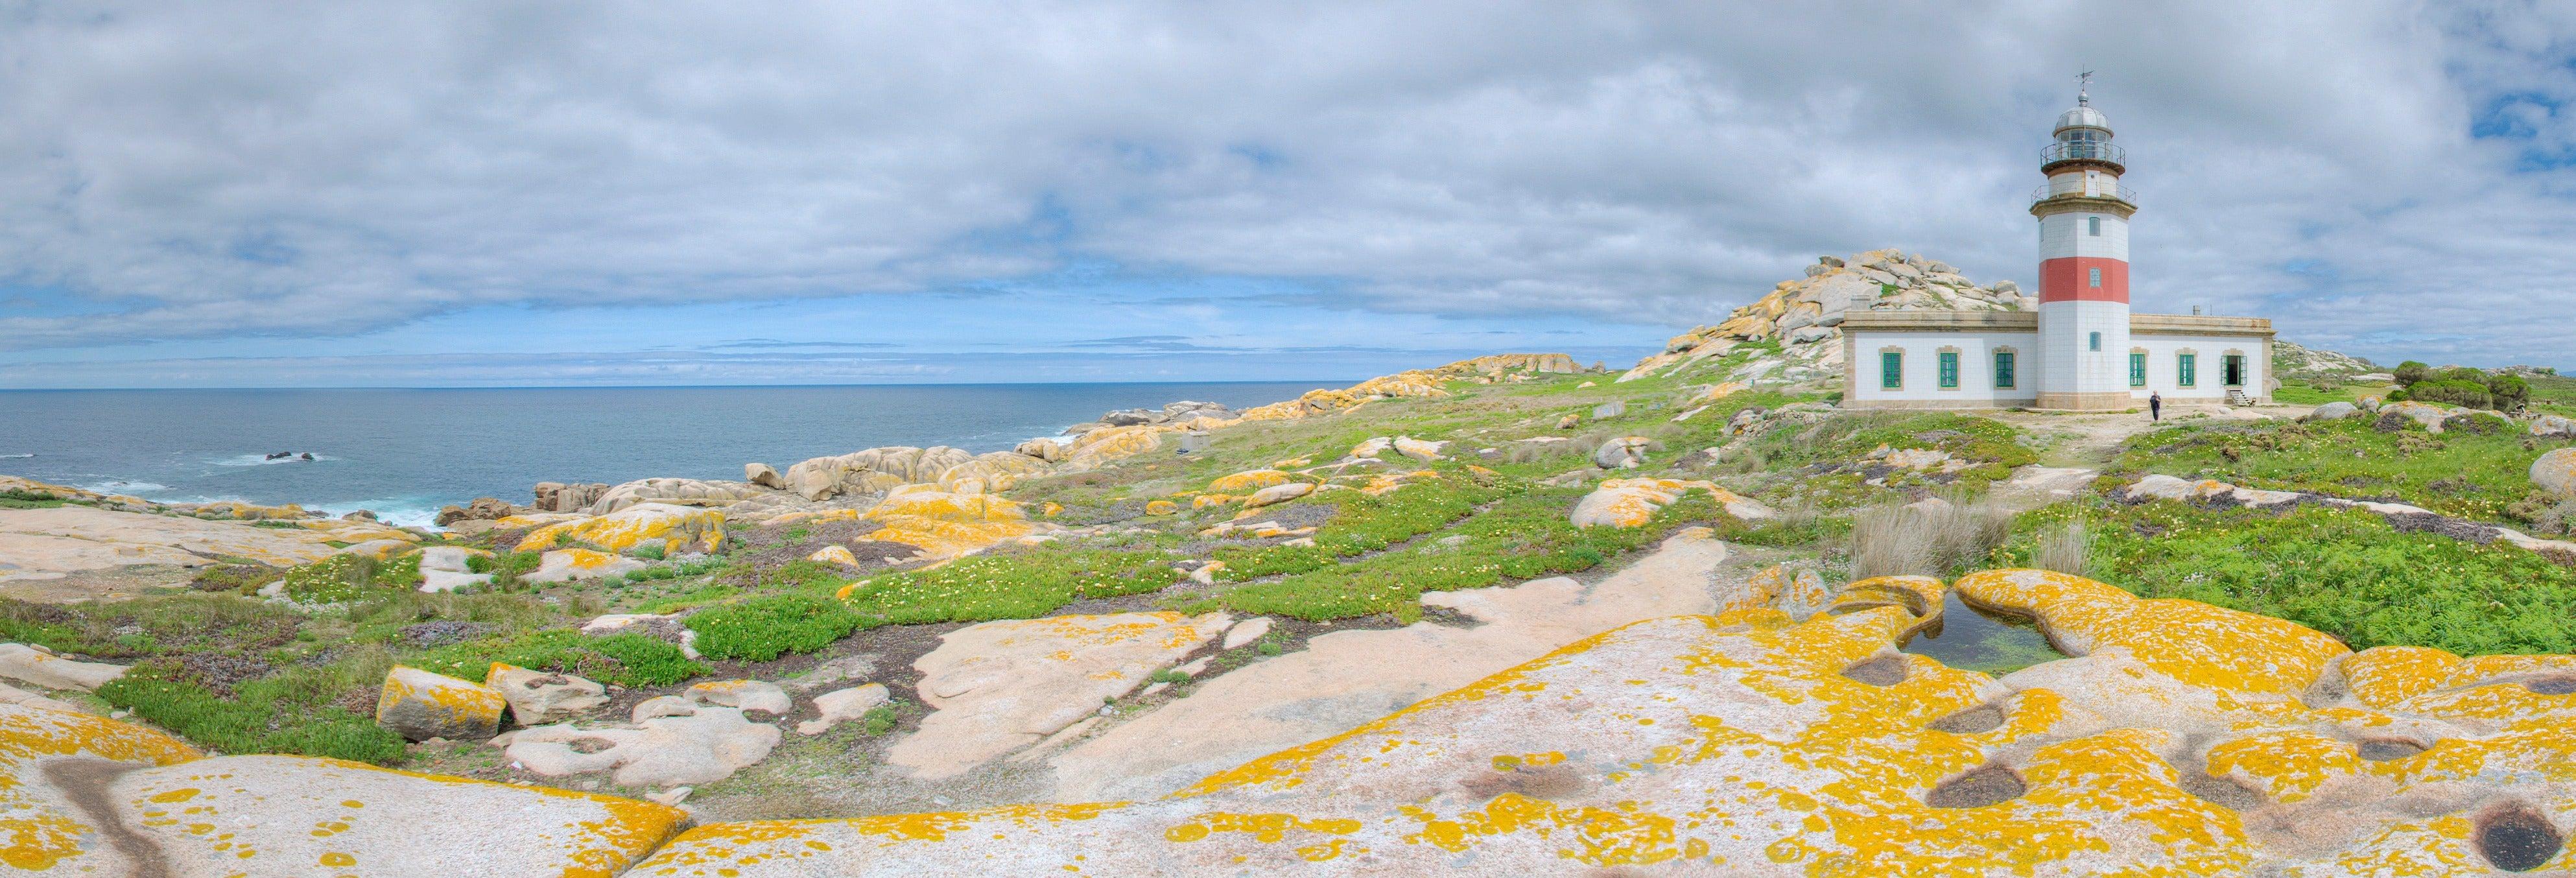 Excursão à ilha de Sálvora